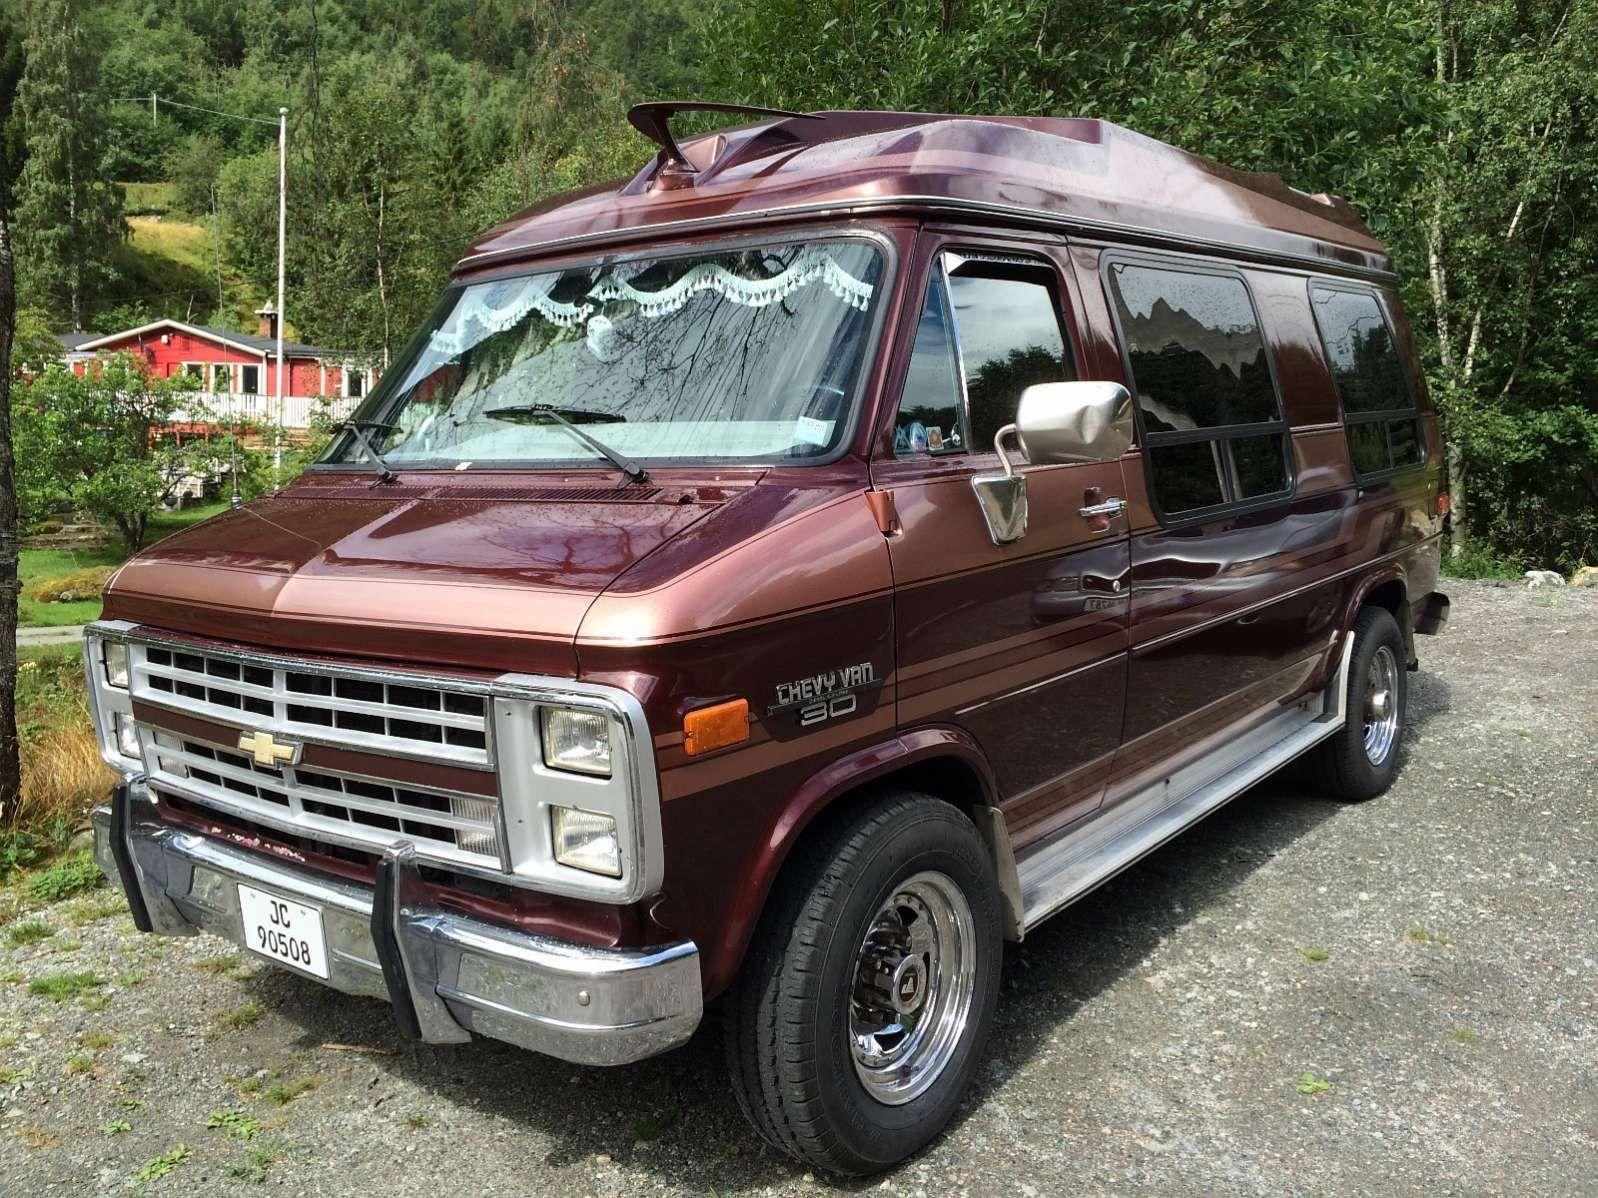 Chevrolet Van G30 6 2d 1991 150 000 Km Kr 75 000